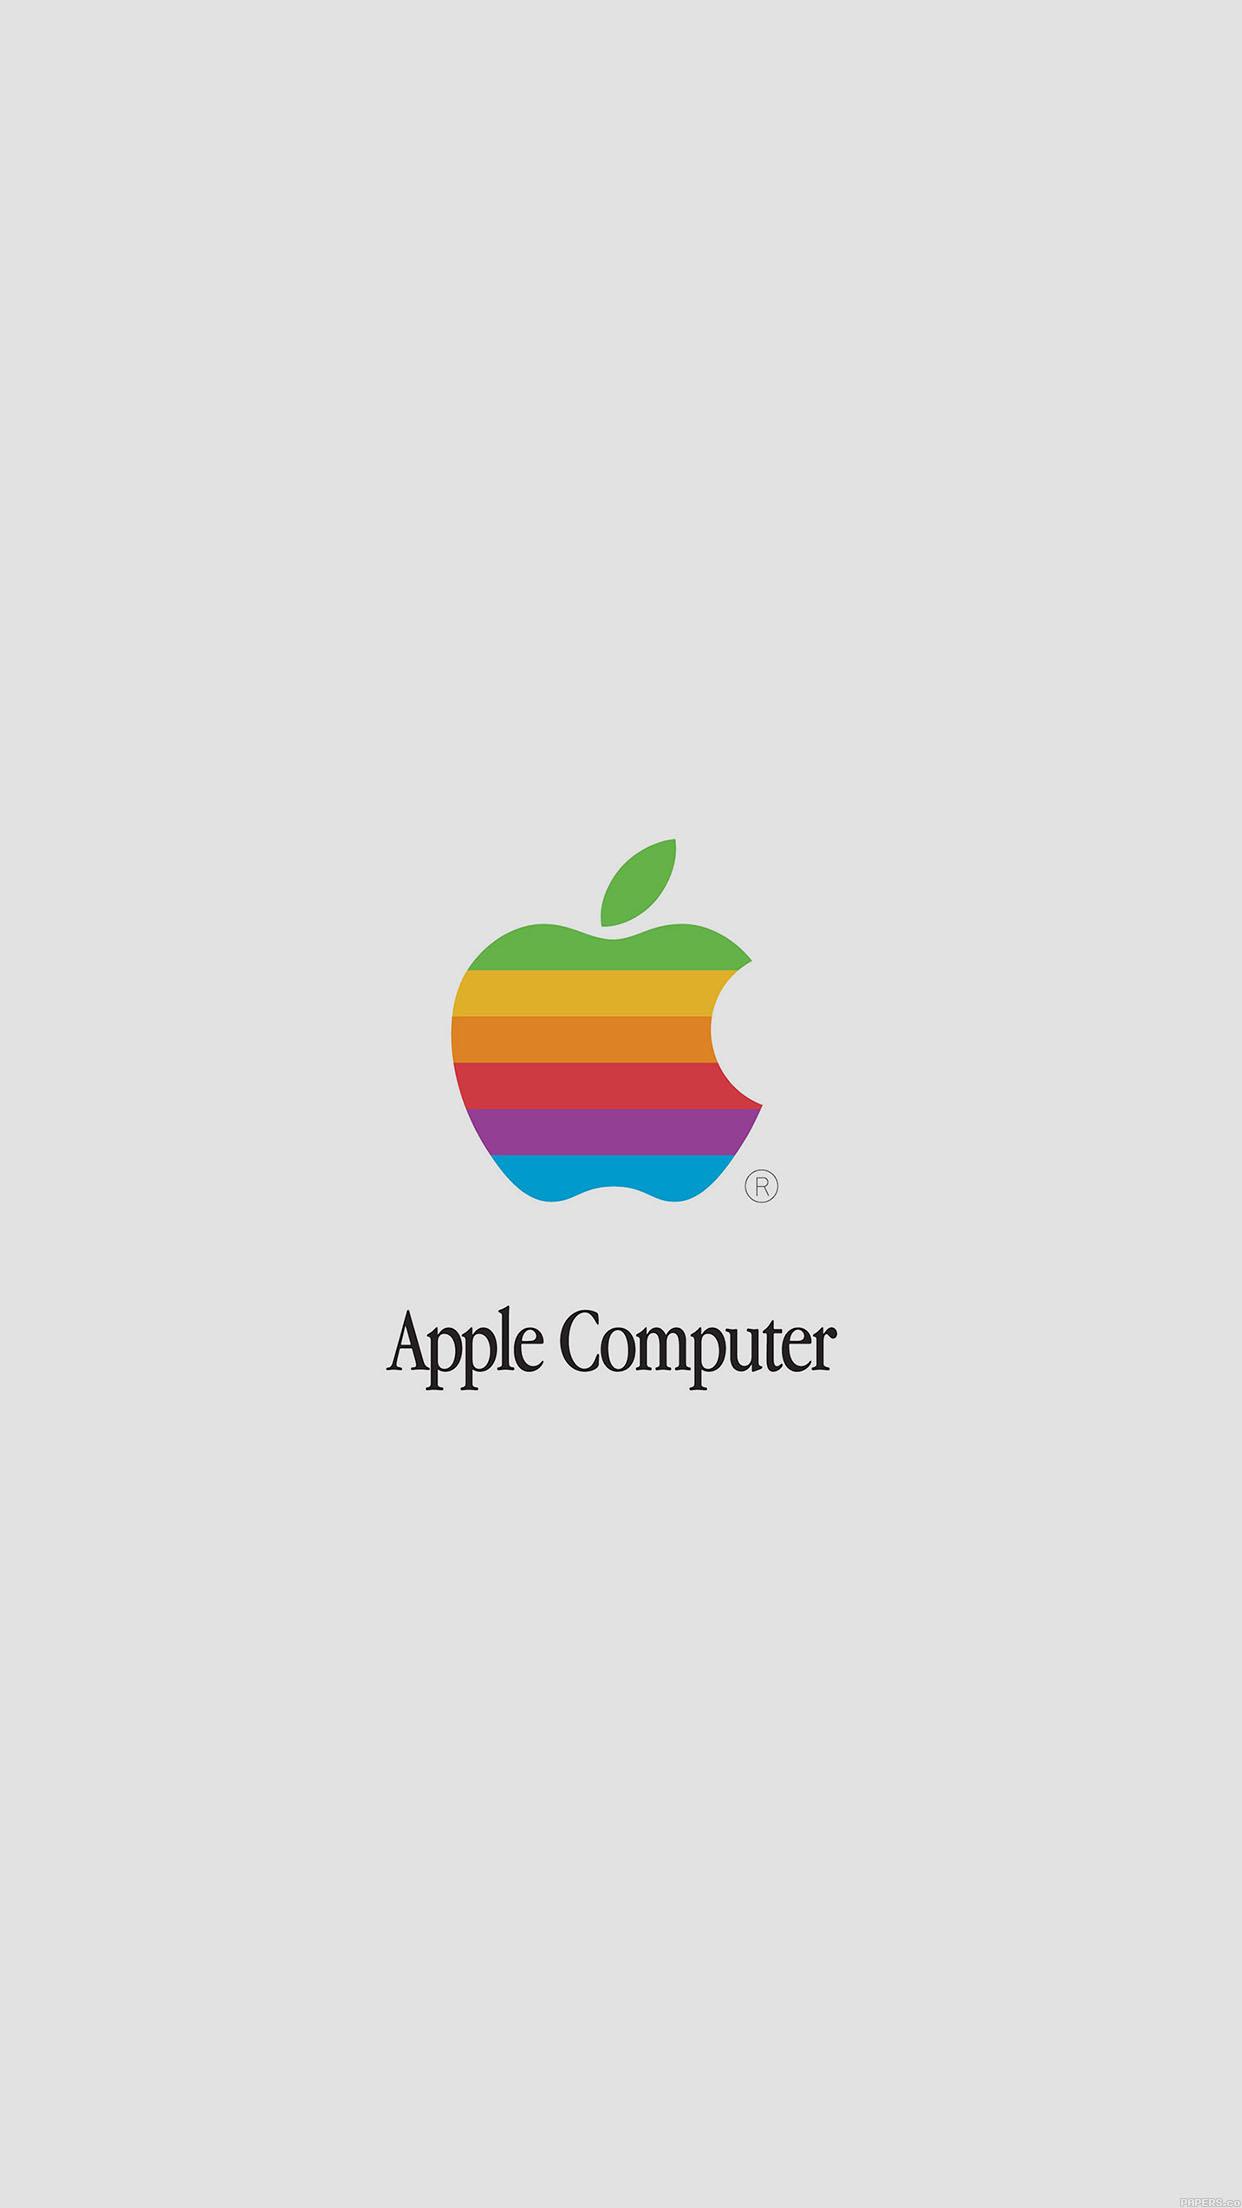 Best Wallpaper Macbook Iphone - papers  Trends_129112.jpg